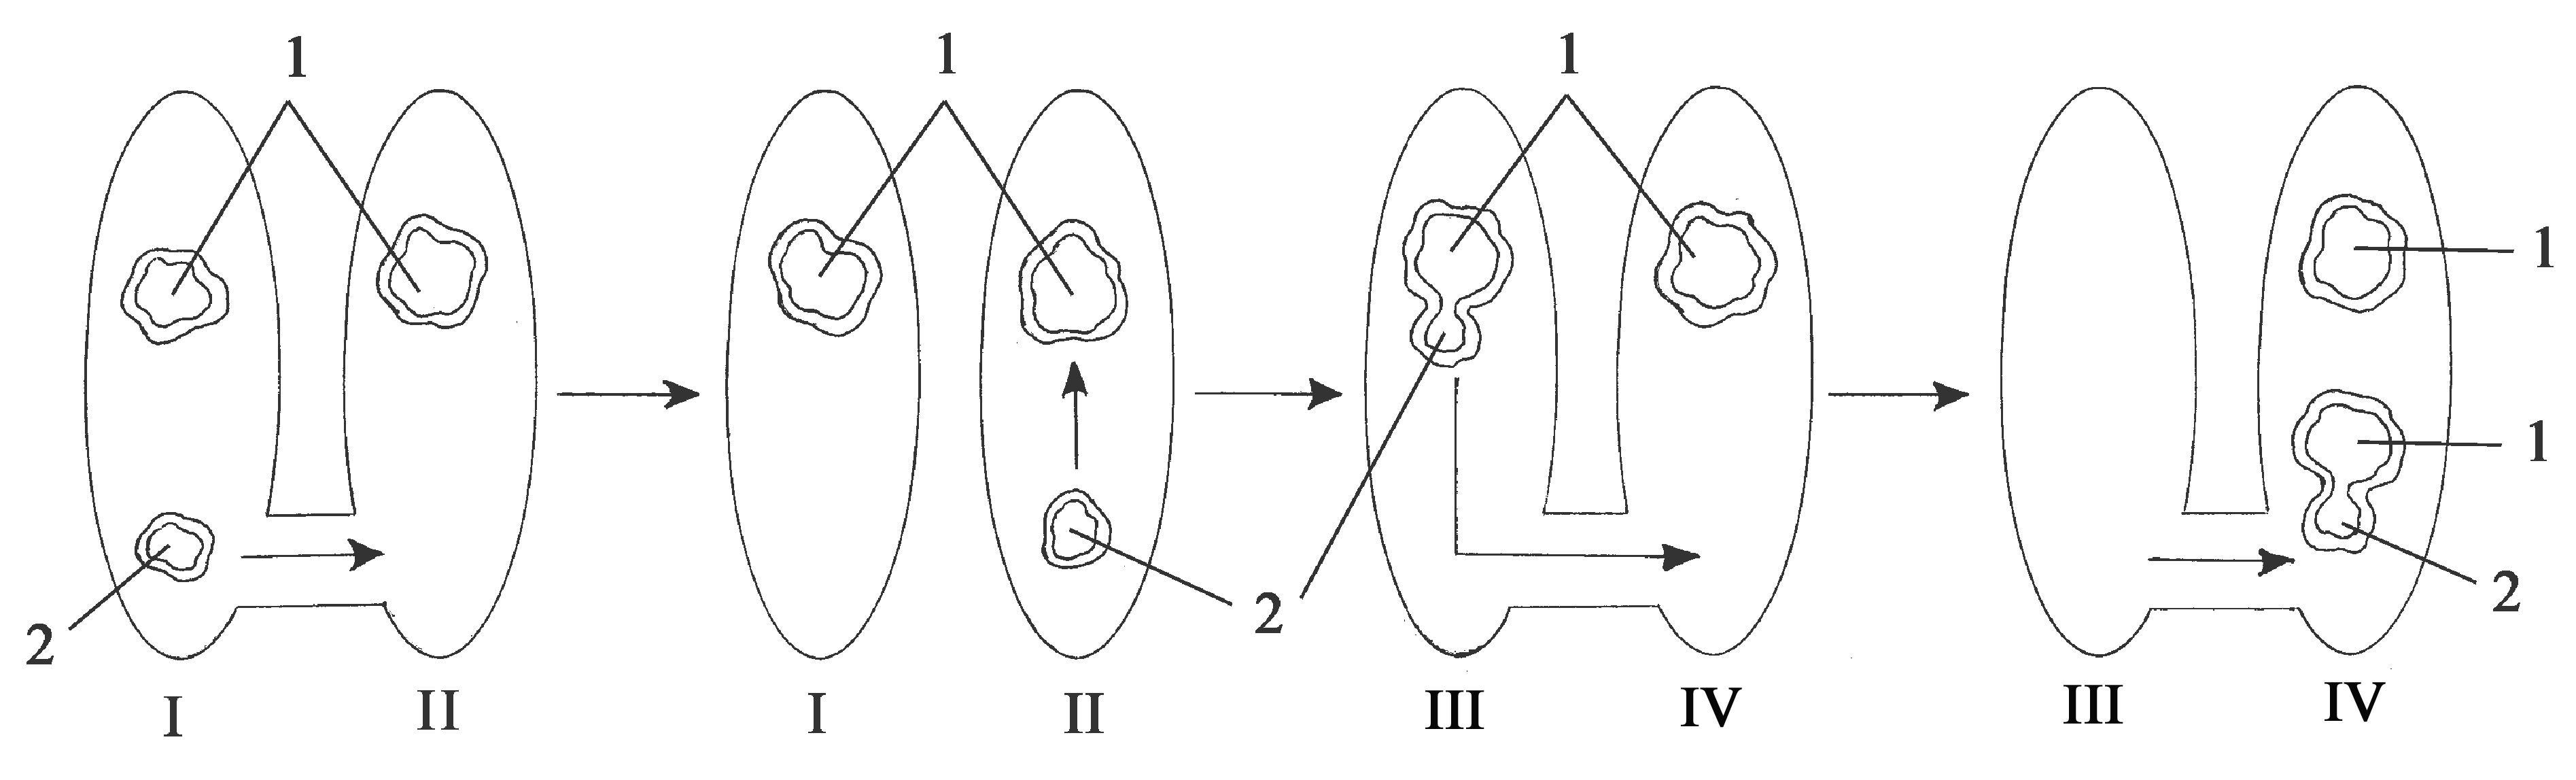 схема размножения хламидомонады